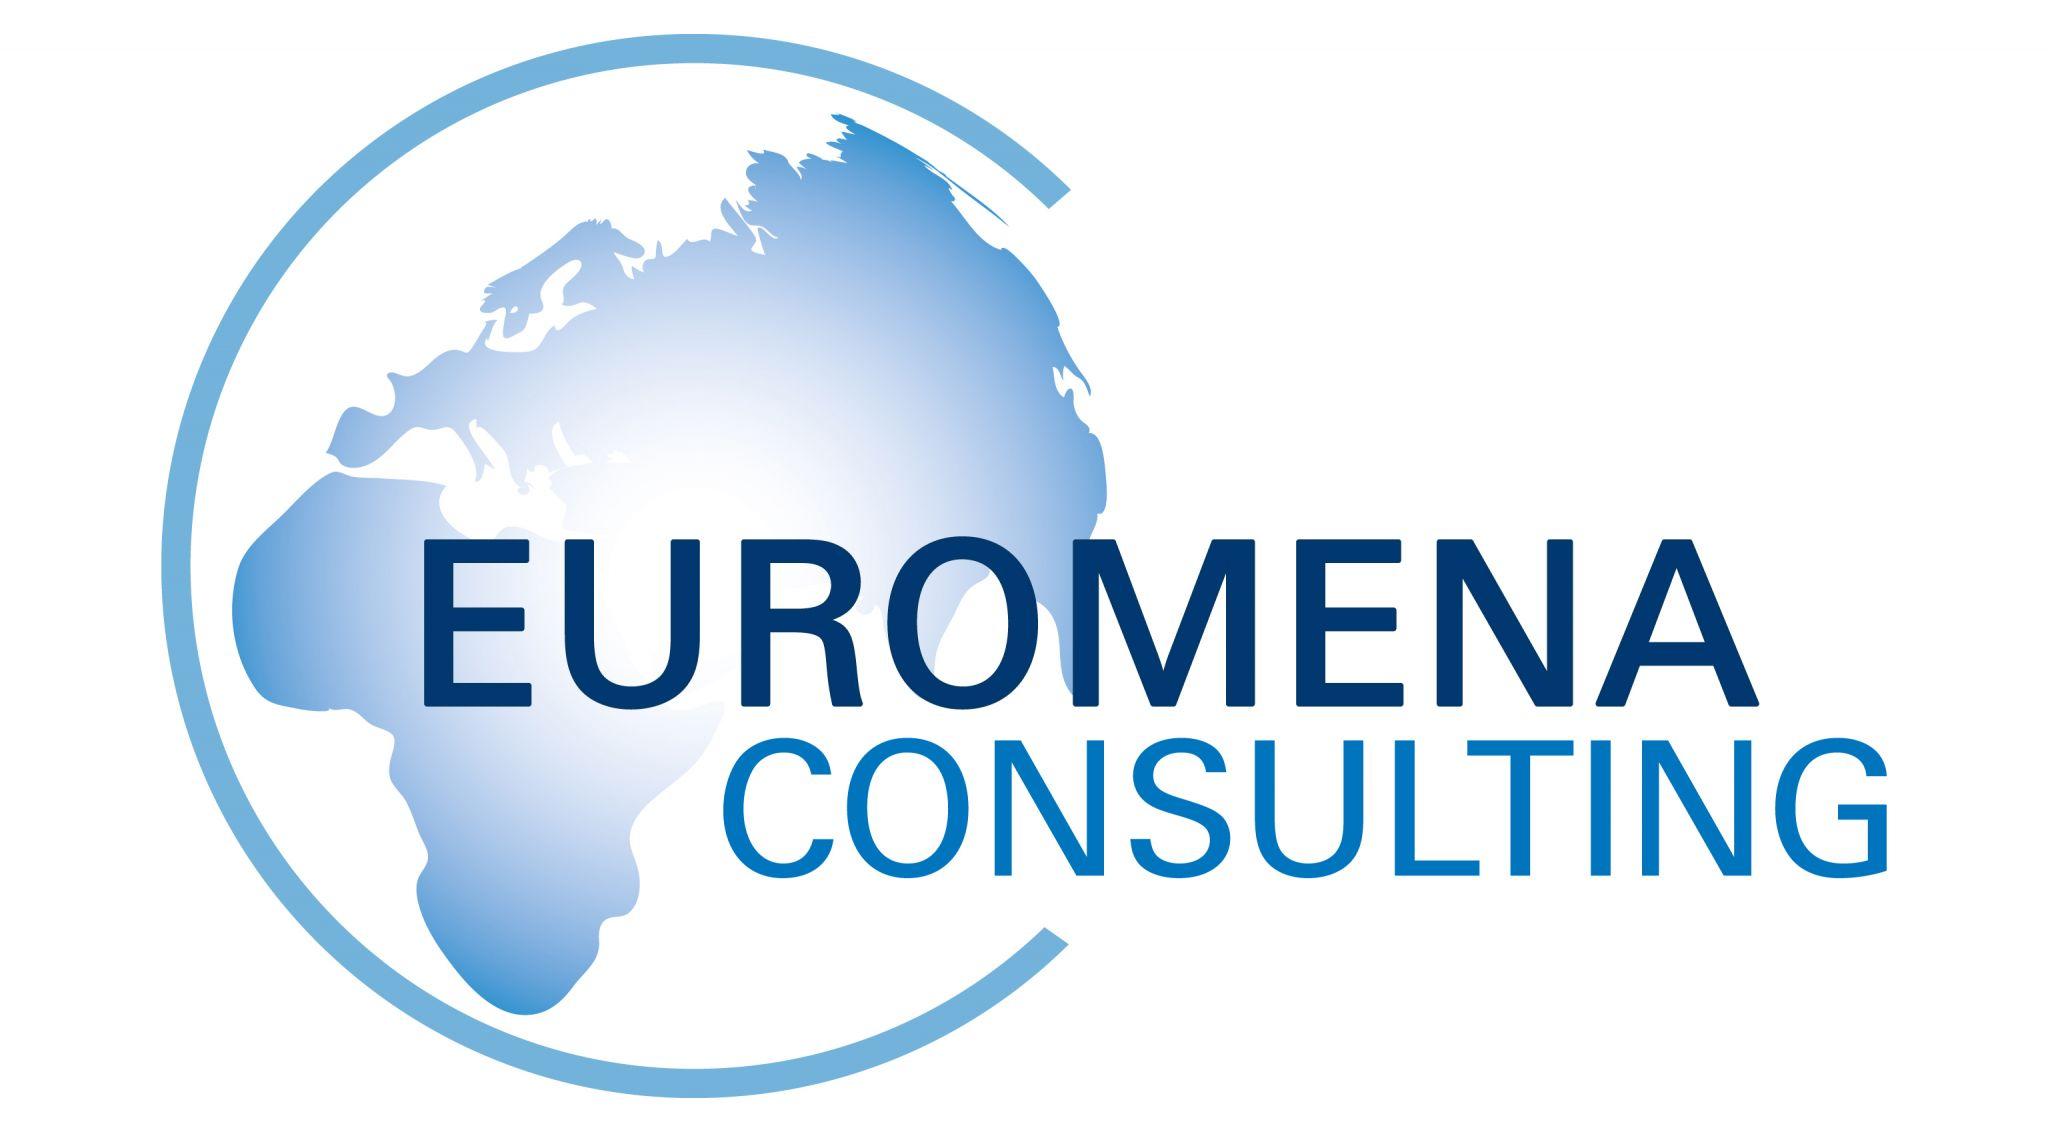 Euromena Consulting